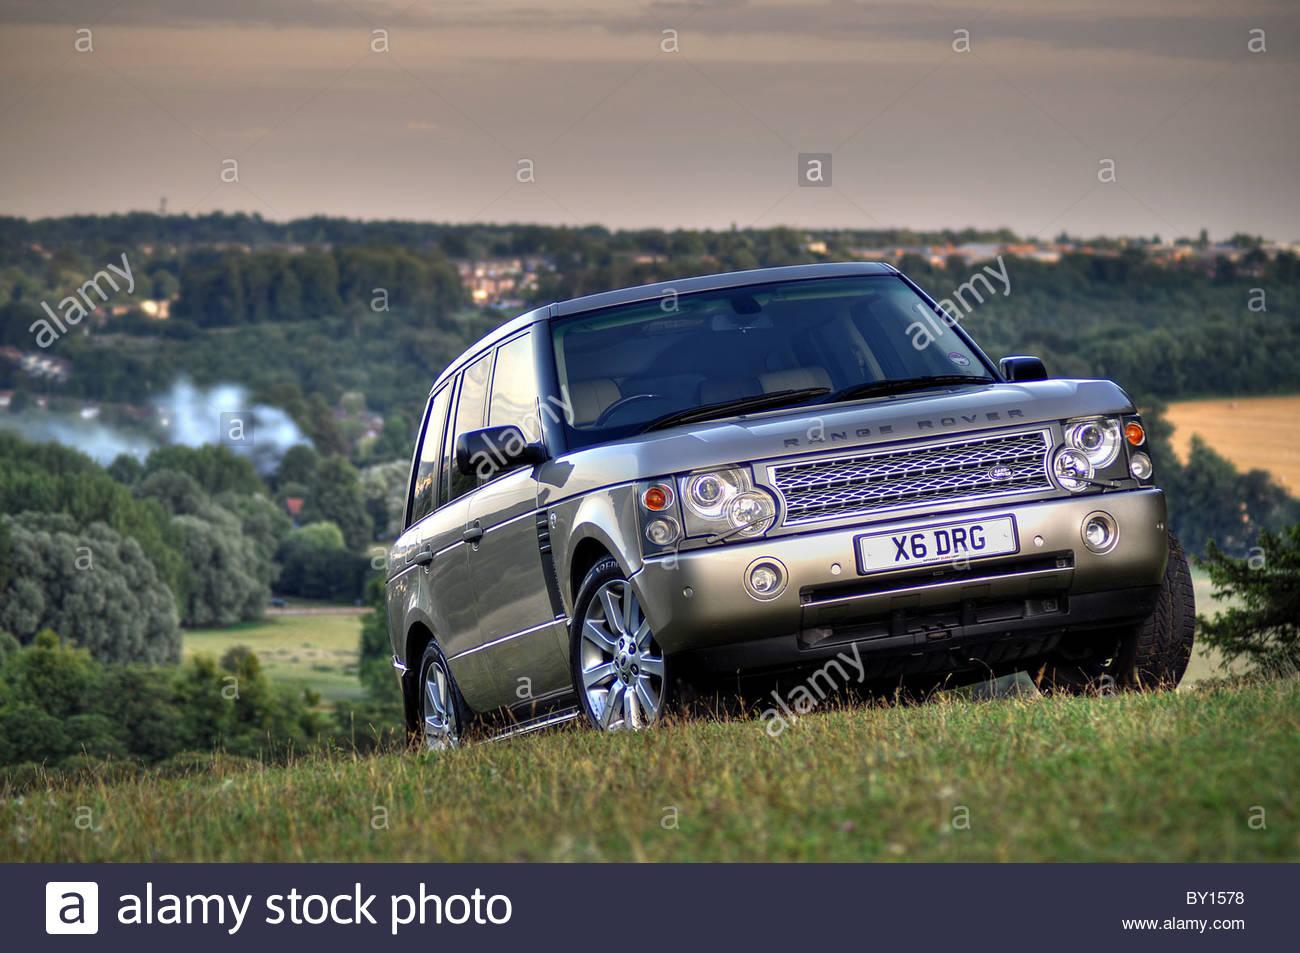 Range Rover Vogue Photo Stock